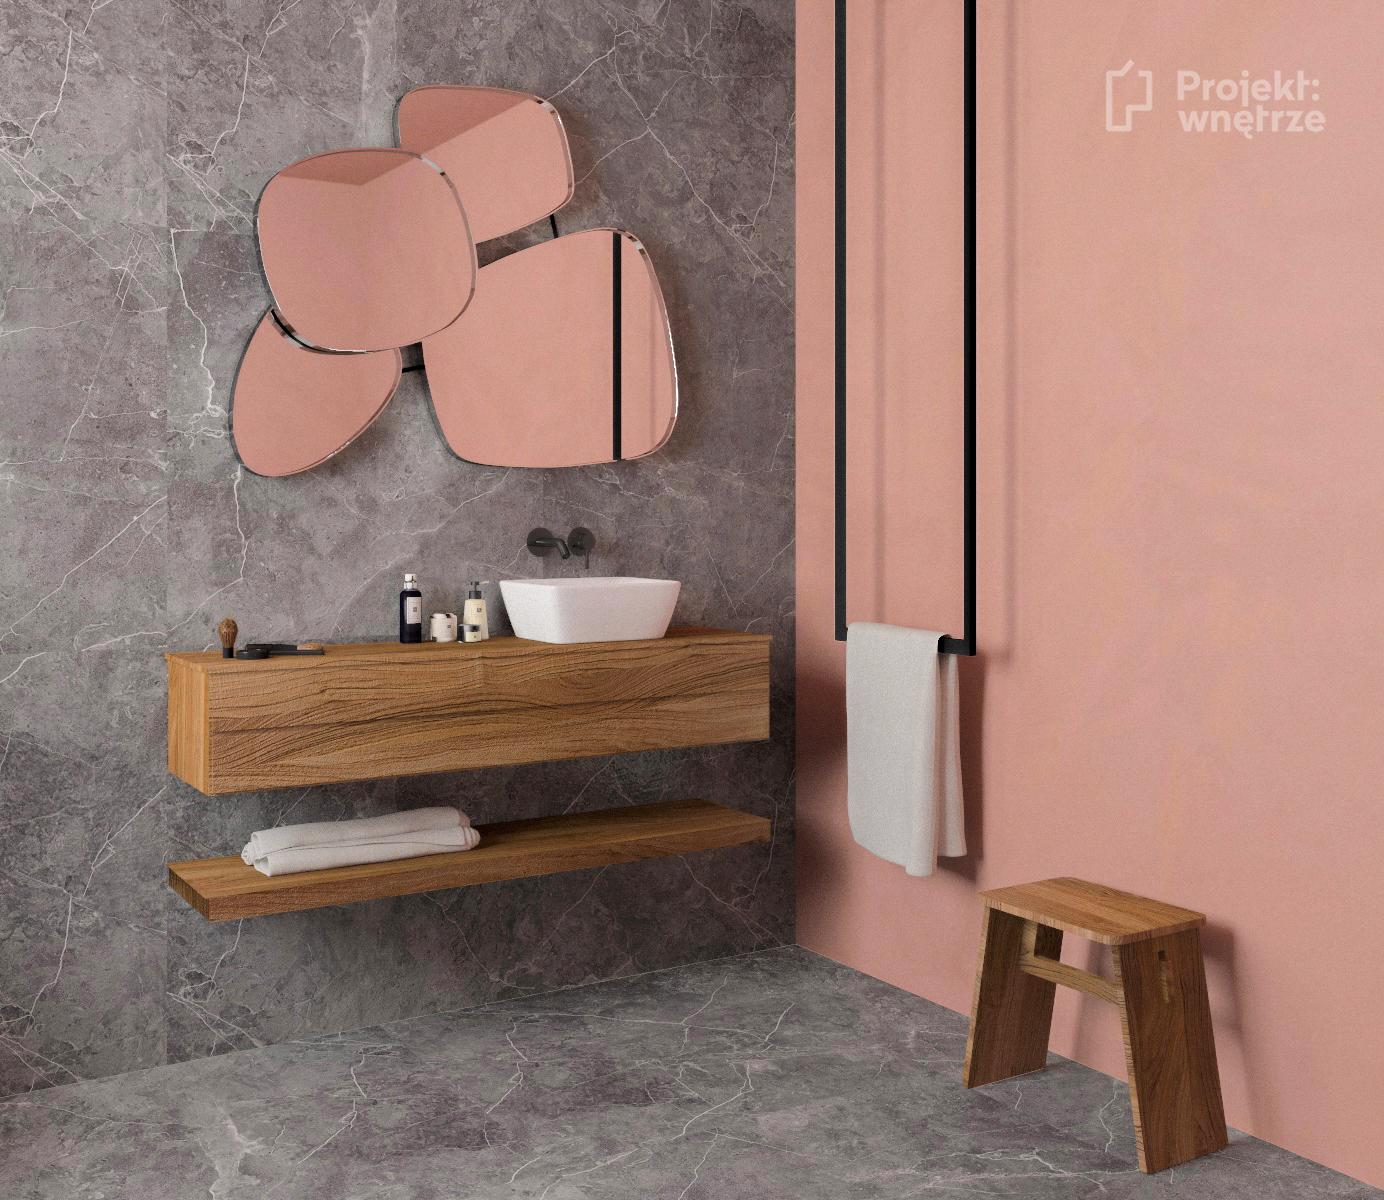 Łazienka róż szarość - projekt łazienki w kolorze różu z szarymi płytkami i drewnem - Projekt wnętrze - www.projektwnetrze.com.pl projektowanie wnętrz online